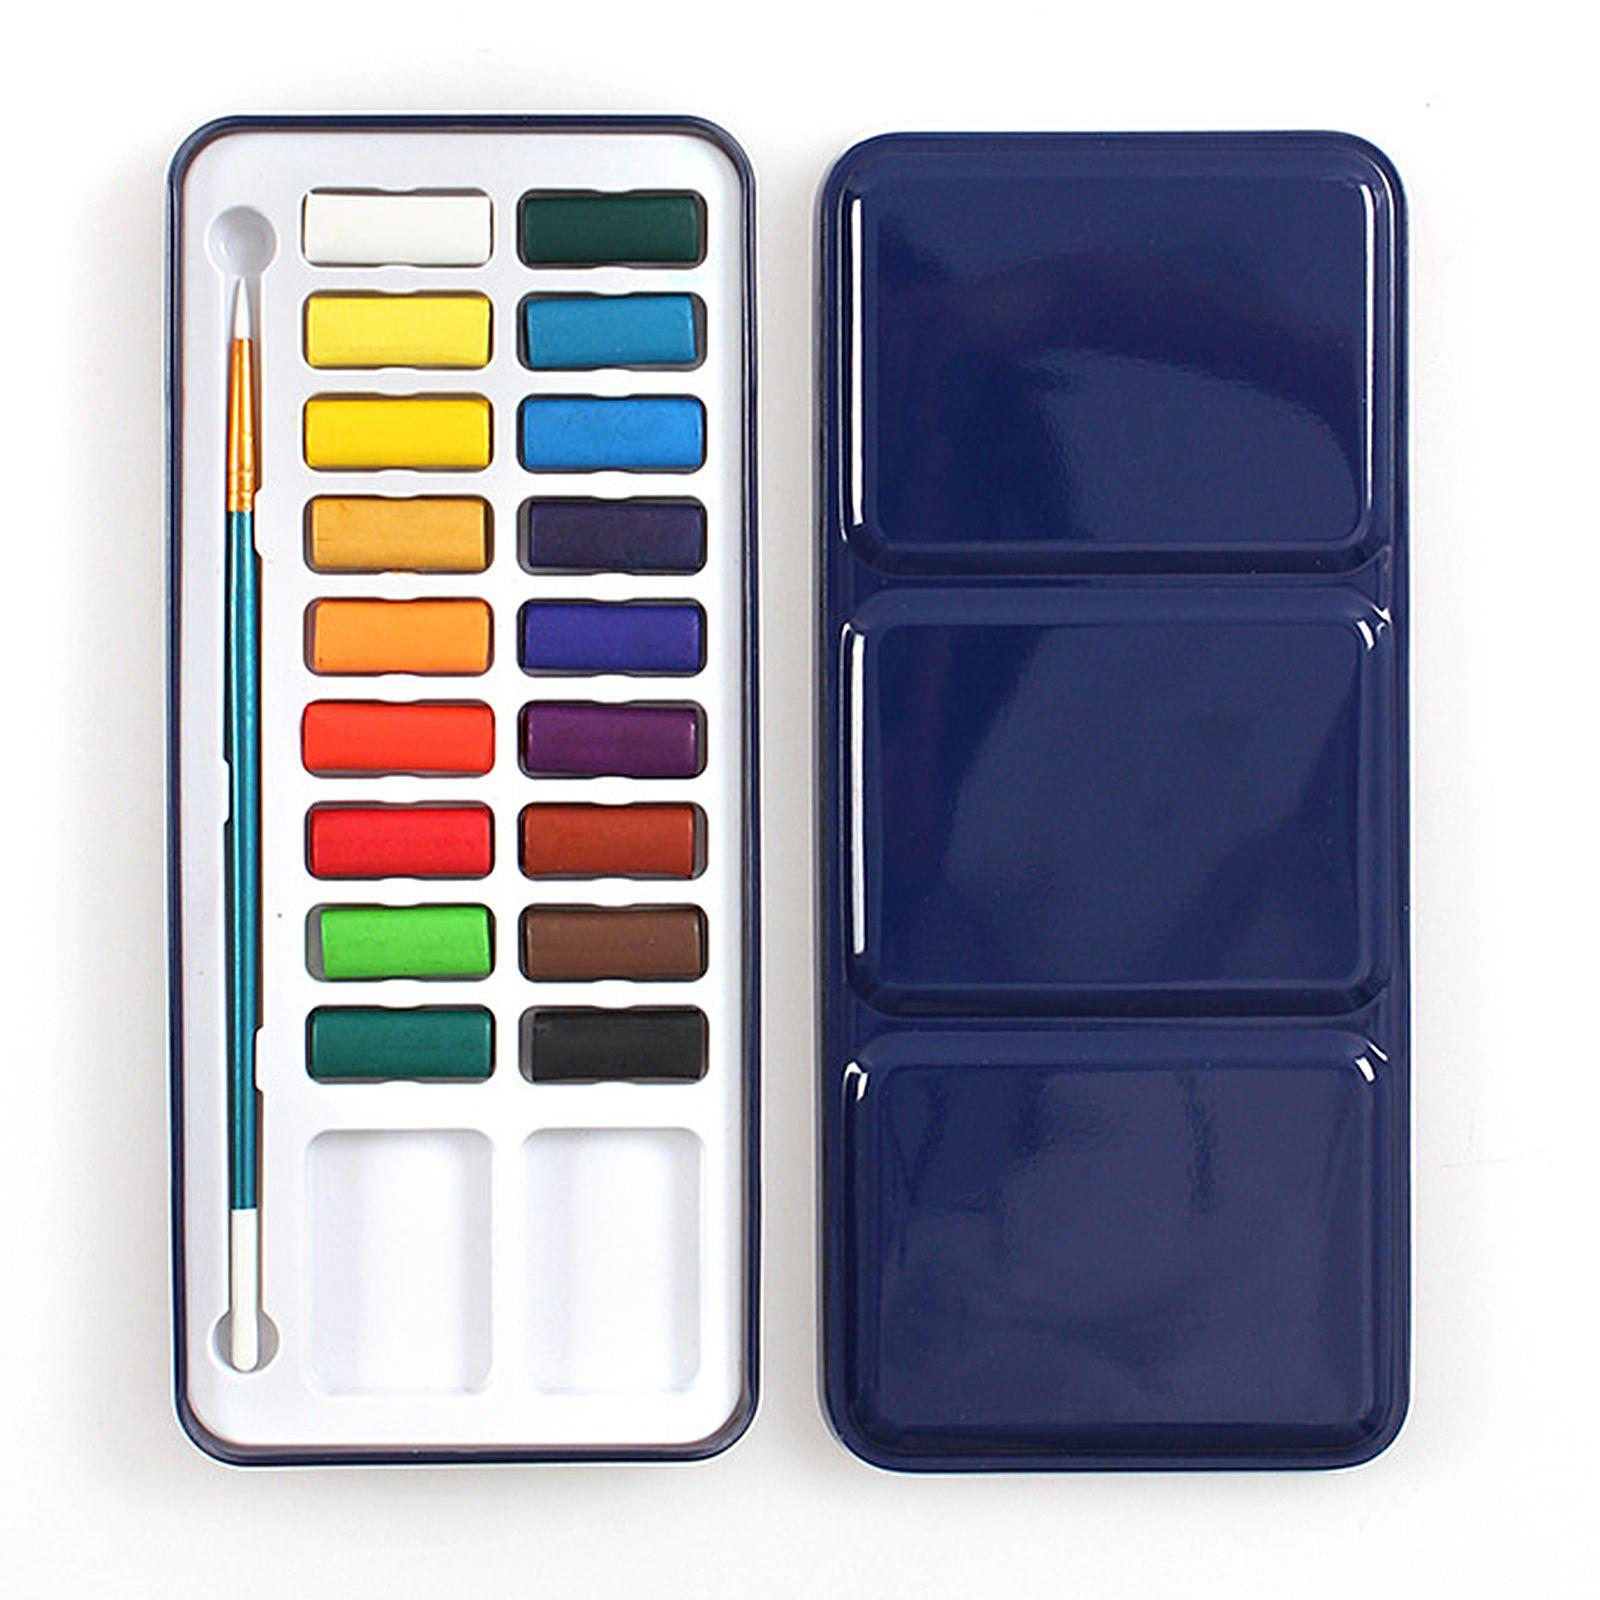 18 Juego de pintura de acuarela con pincel en estuche Pintura Color agua Artista Artista Kit